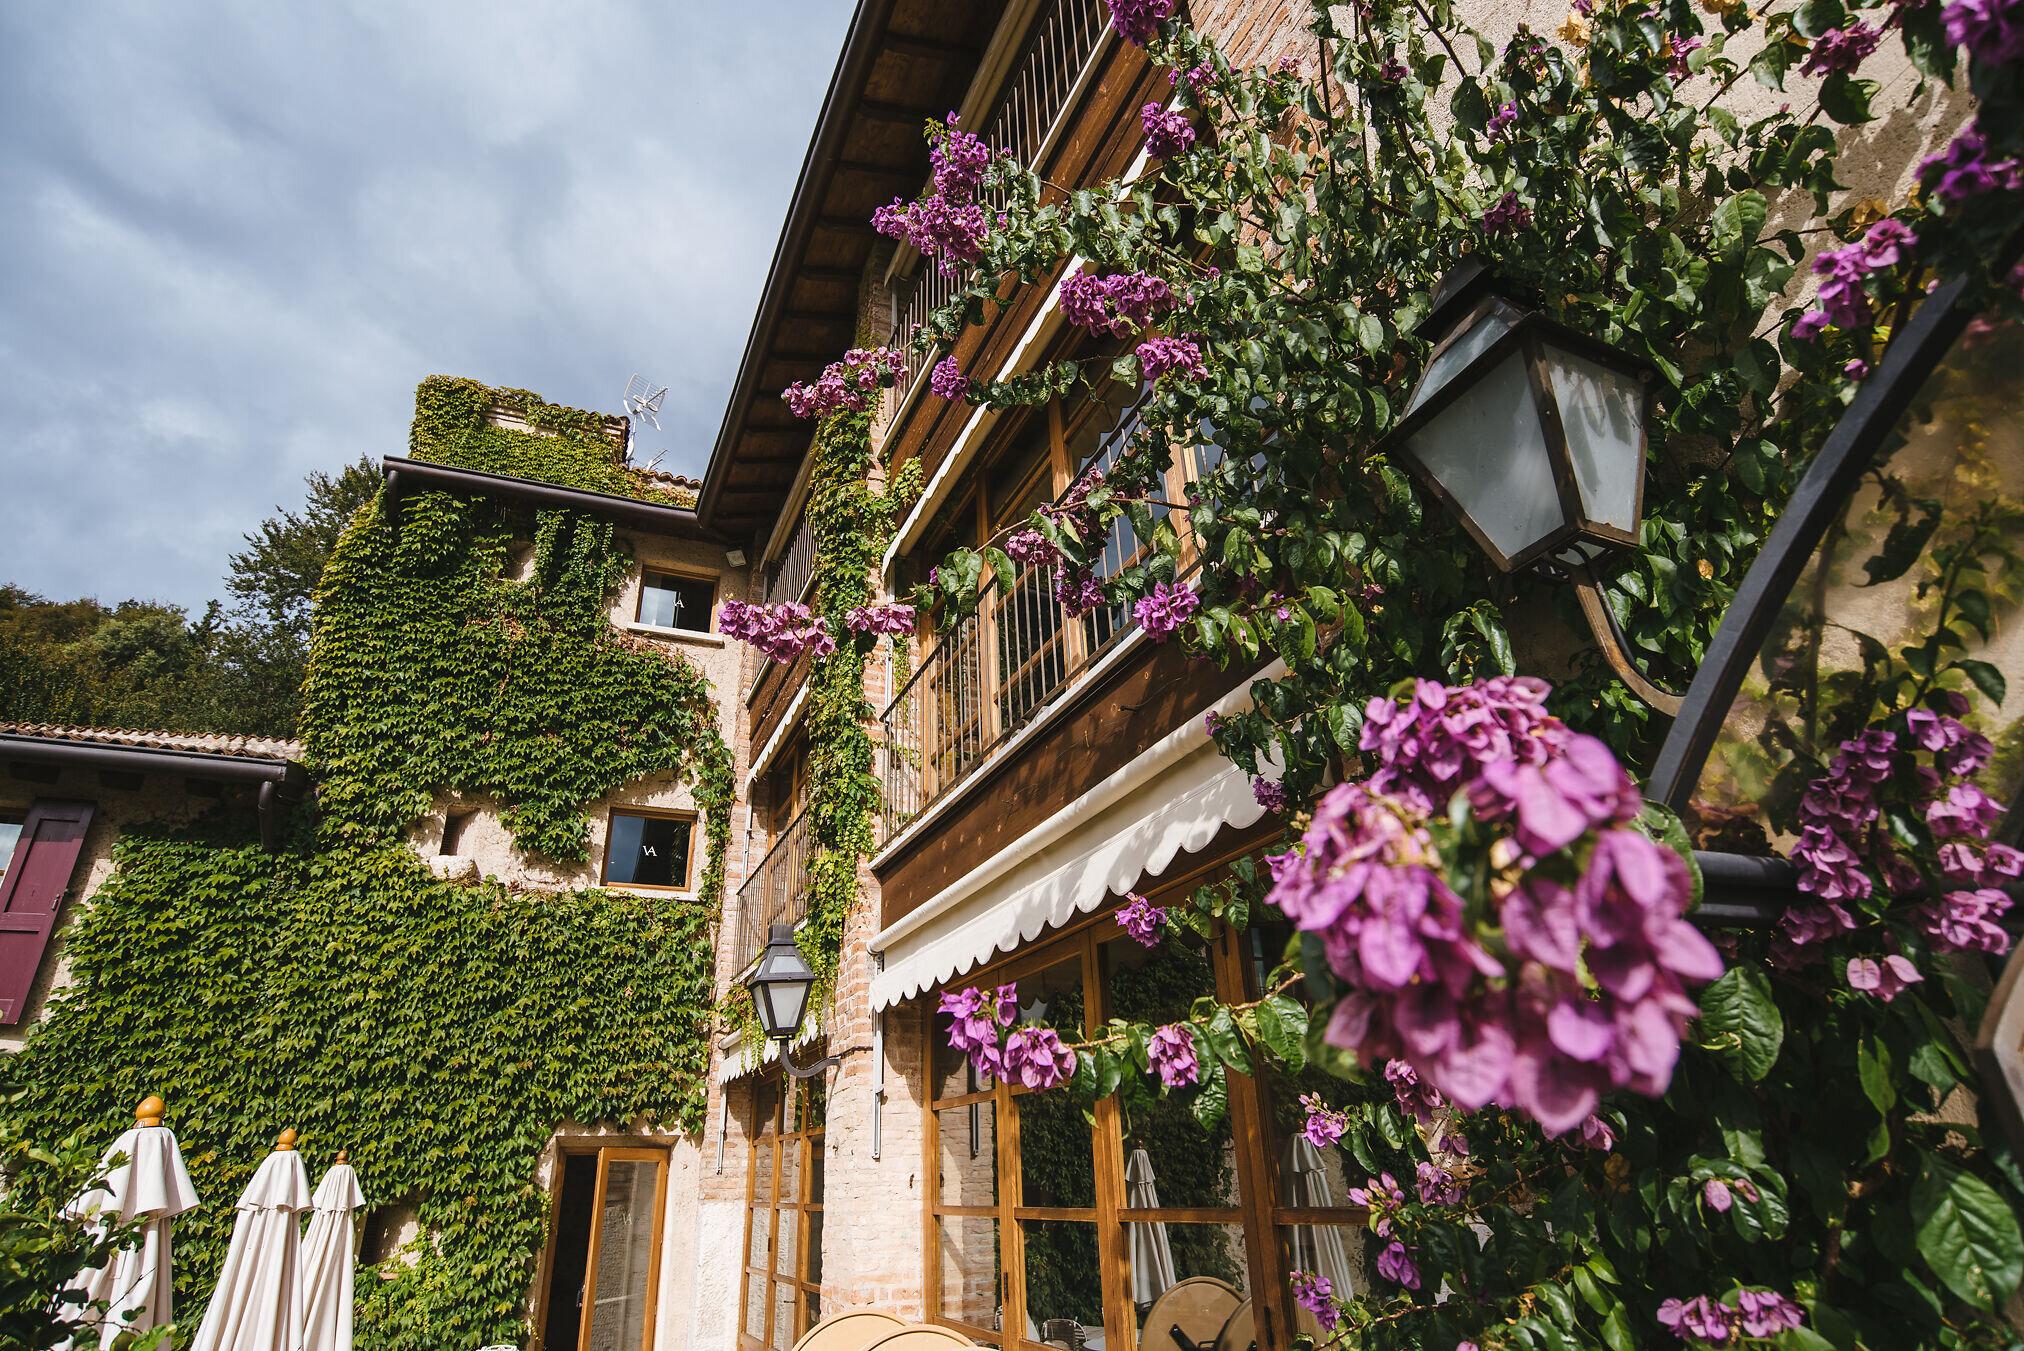 Wedding-Lake-Garda-Villa-Arcadio-6.jpg